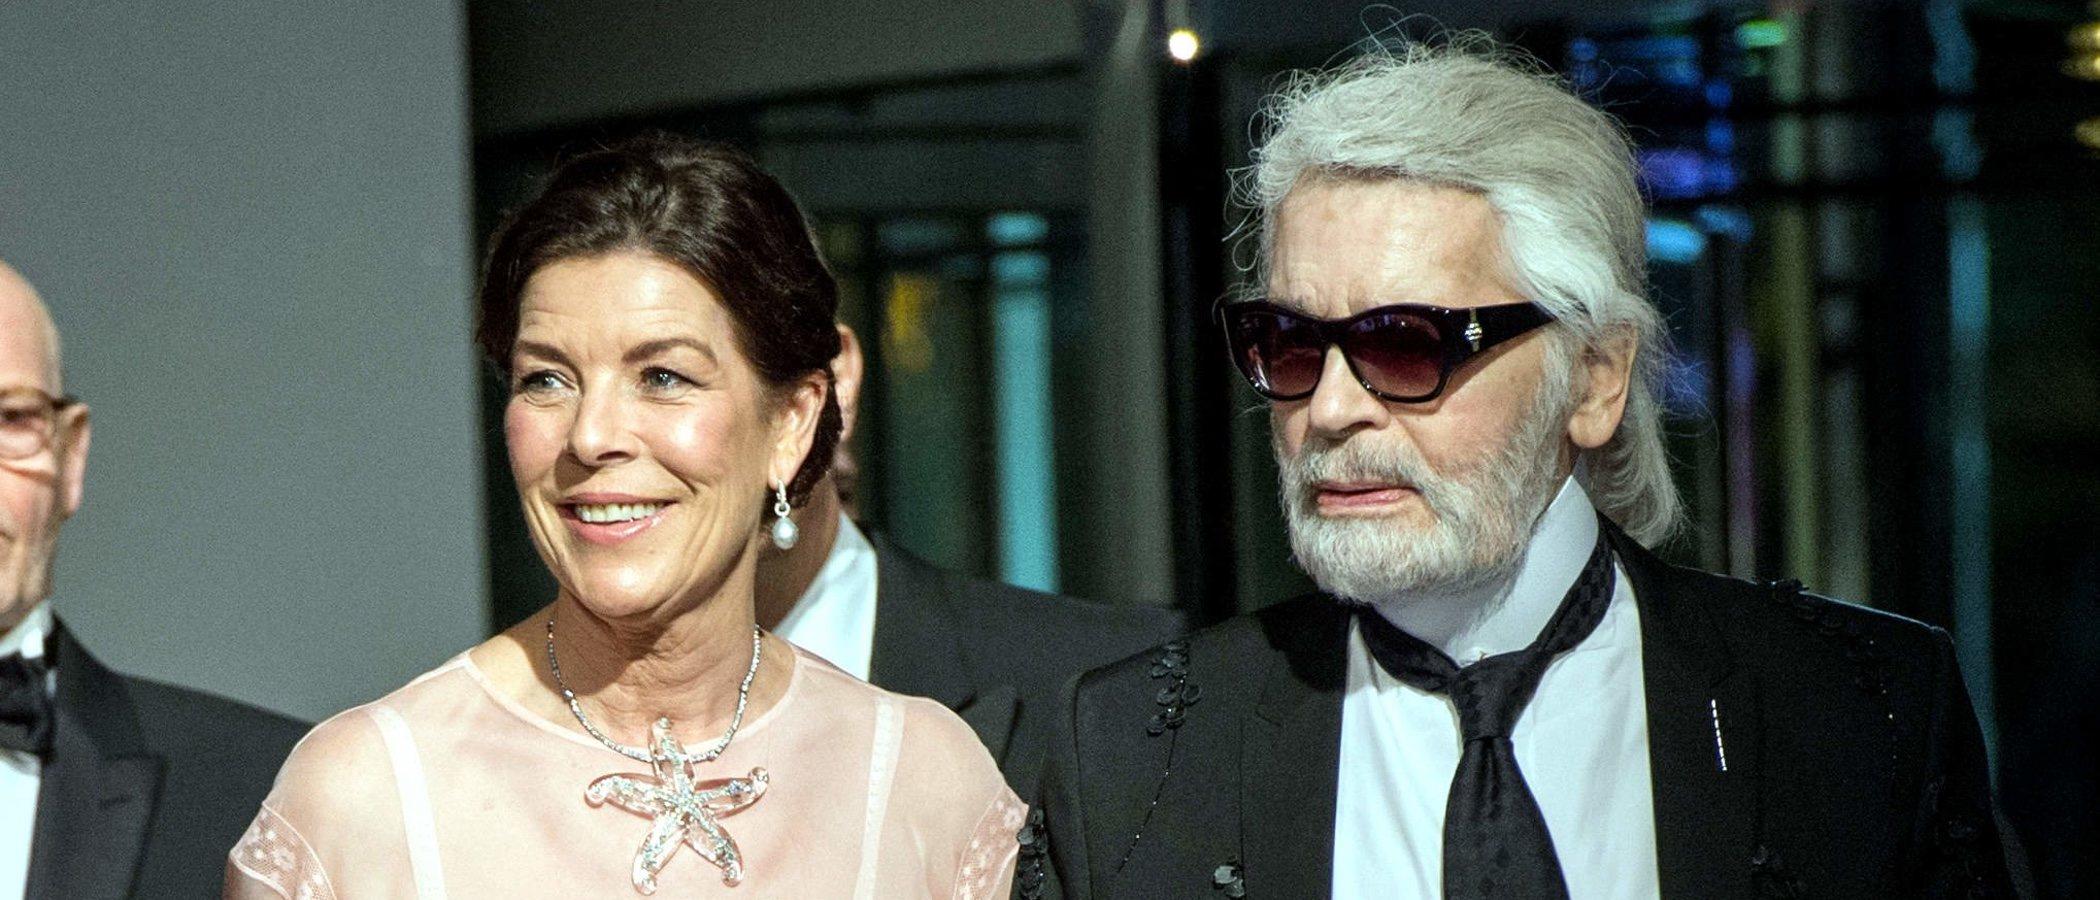 La Princesa Carolina de Mónaco anuncia el nuevo responsable del Baile de la Rosa tras la muerte de Lagerfeld